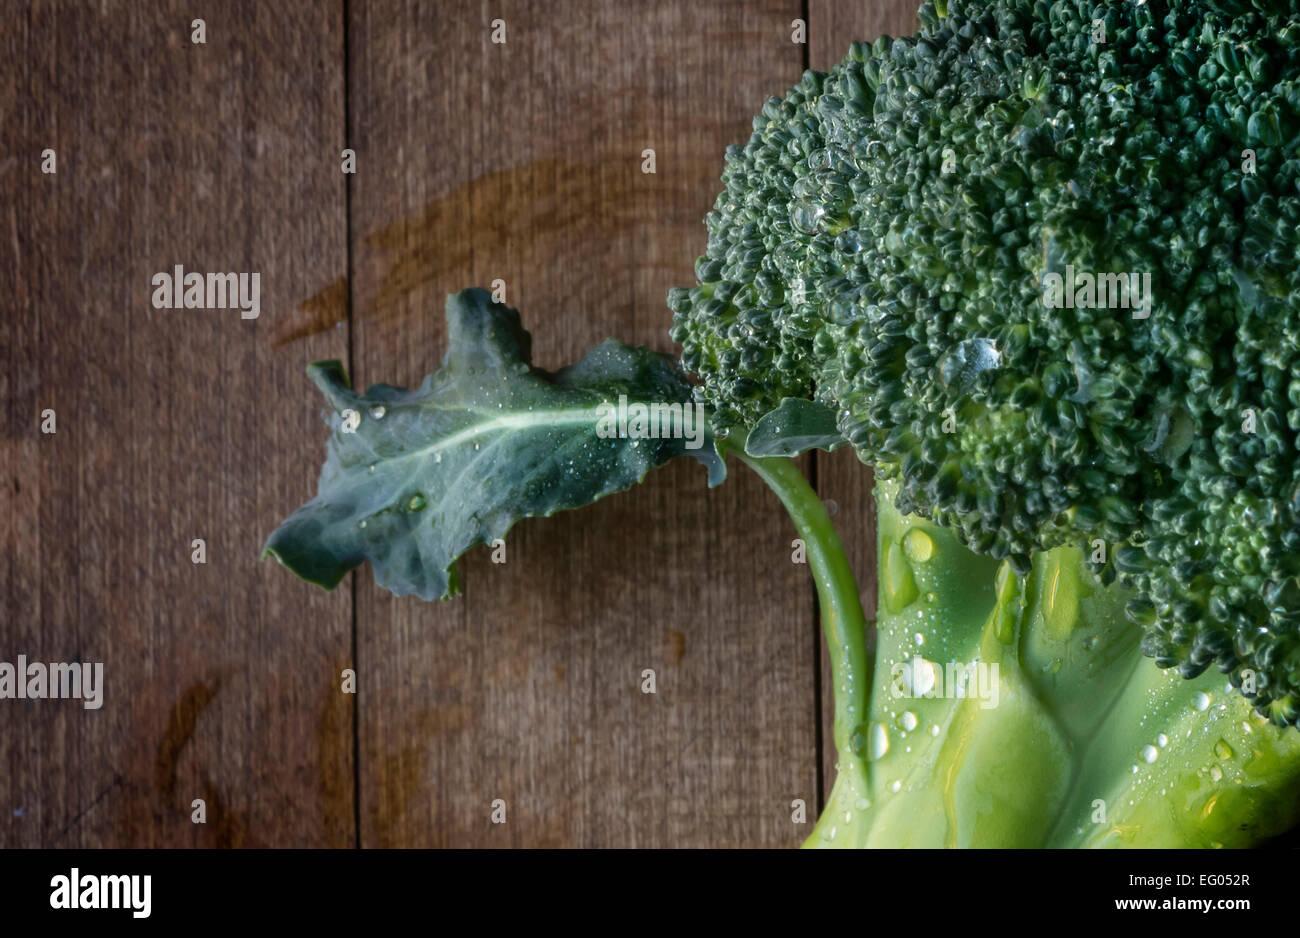 Detalle Macro foto de una floret brocolli con gotas de agua sobre una tabla de cortar de madera Imagen De Stock